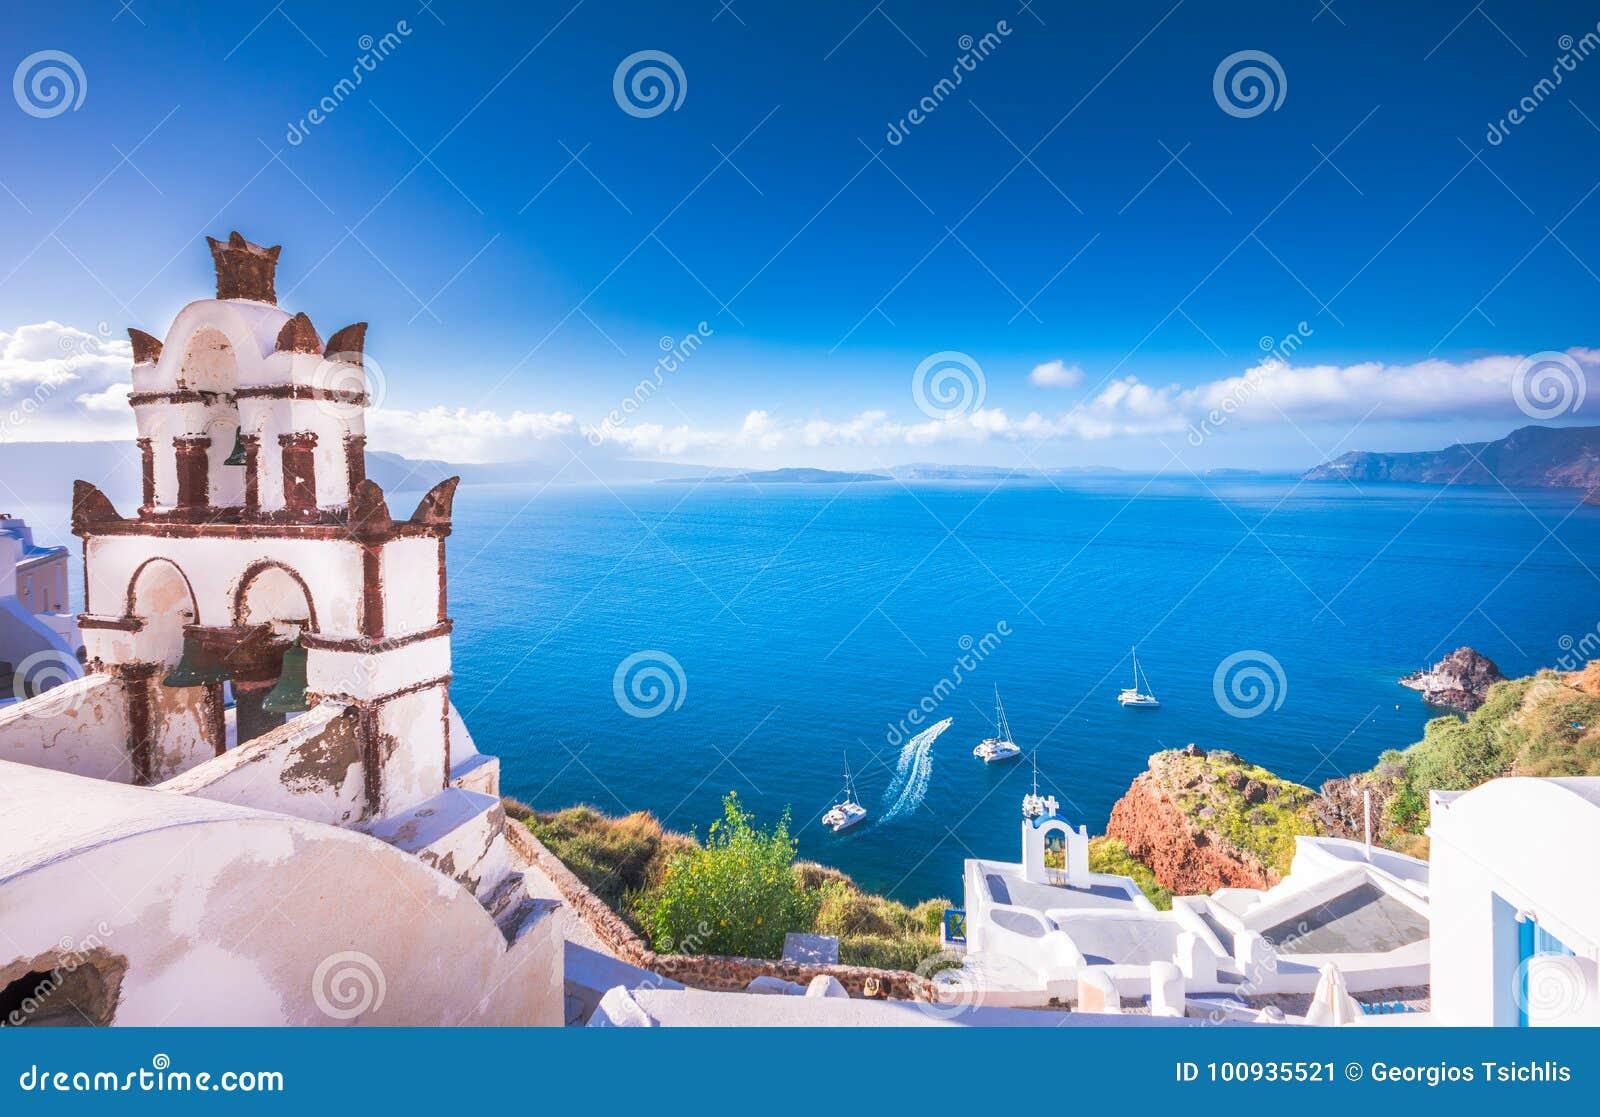 Oia-Stadt auf Santorini-Insel, Griechenland Traditionelle und berühmte Häuser und Kirchen mit blauen Hauben über dem Kessel, Ägäi